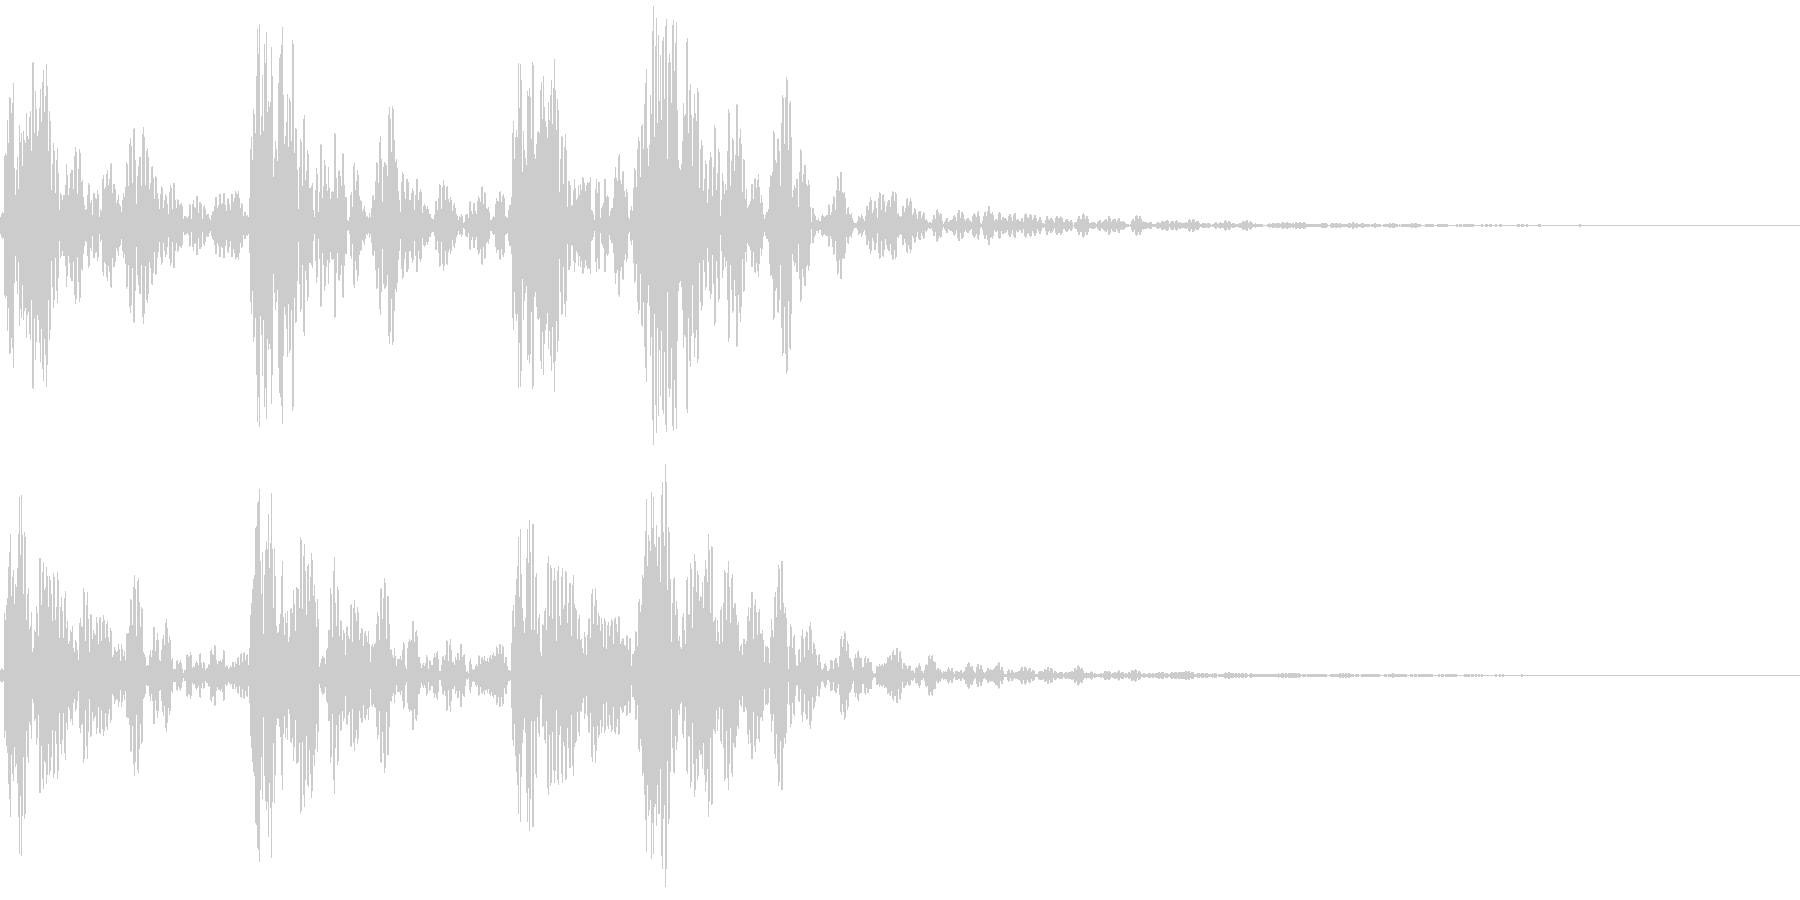 183_ドラム音1の未再生の波形